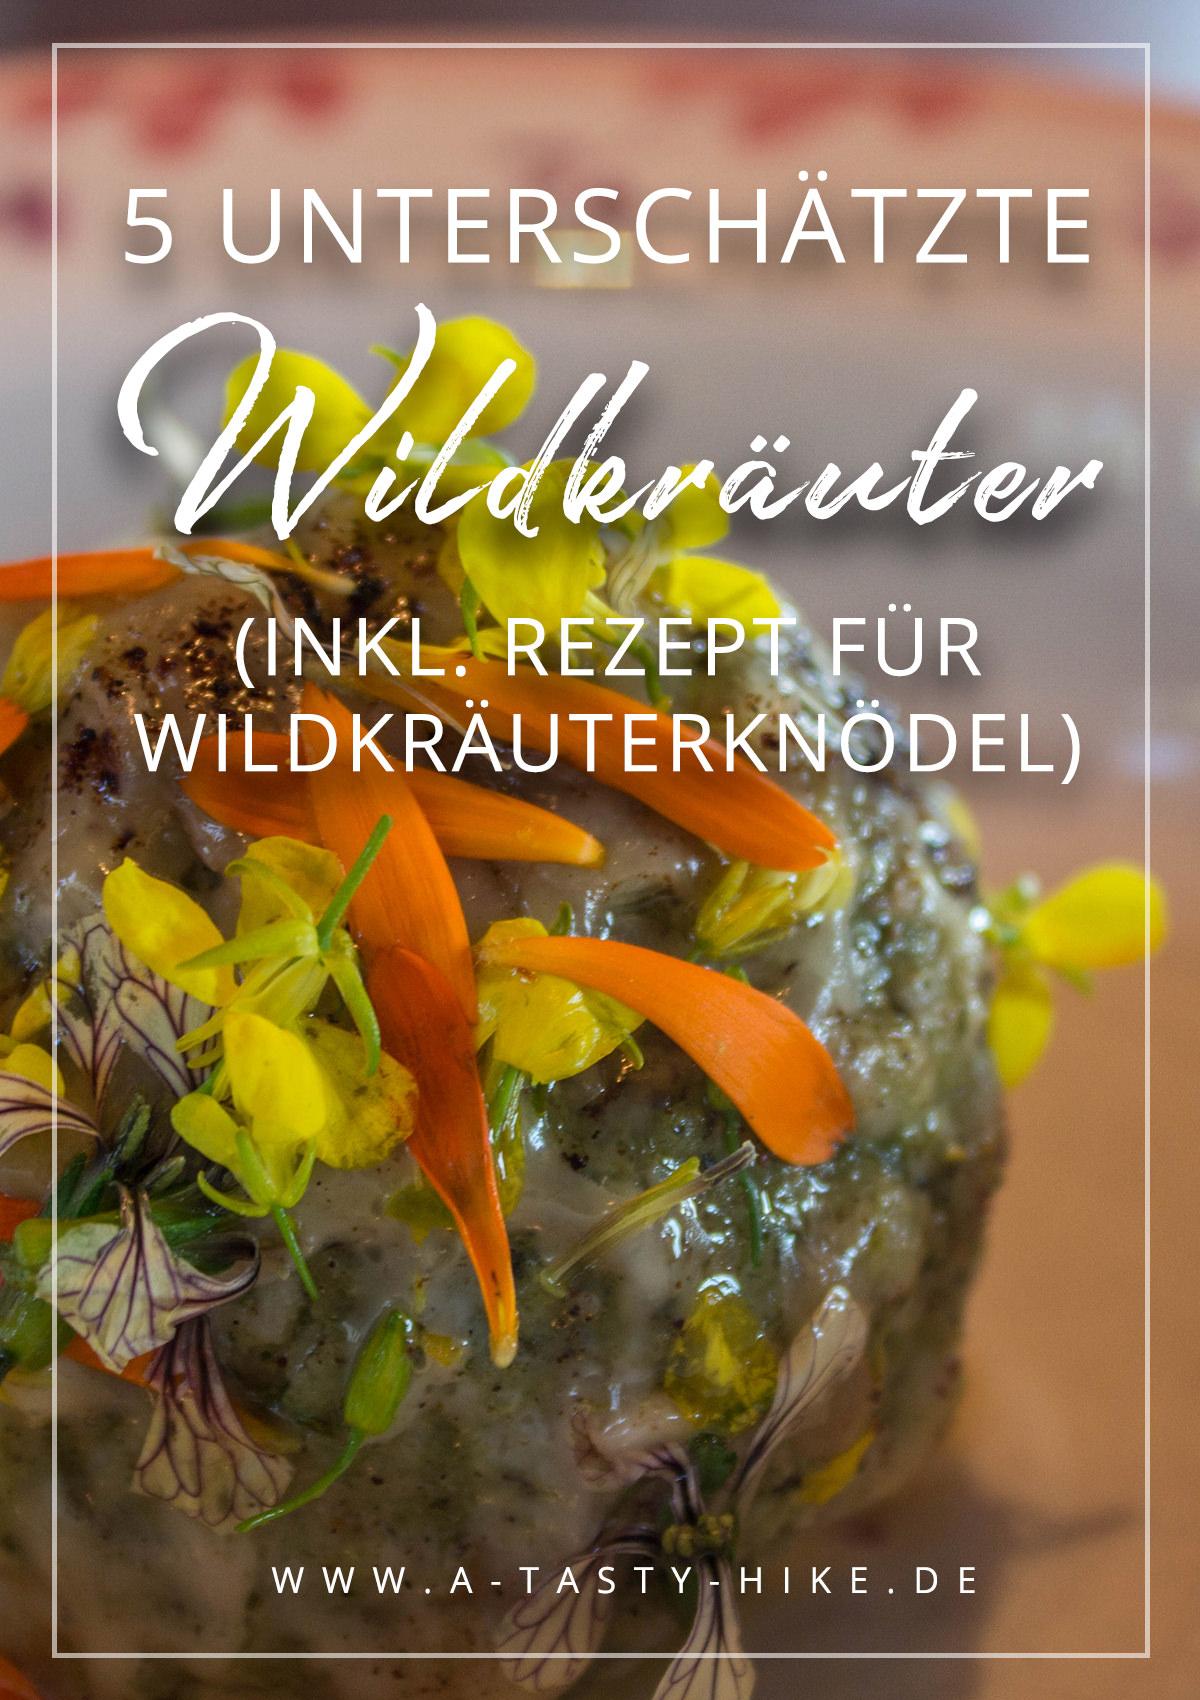 Wildkräuter - so oft wird ihre Wirkung komplett unterschätzt! Dabei können sie so viel und sind in der Küche super vielseitig einsetzbar! In Südtirol haben wir einen Wildkräuter-Kochkurs gemacht und alles über die Wirkungsweisen der Wildkräuter gelernt. Dazu haben wir ein Rezept für Wildkräuterknödel kennengelernt, das wir euch natürlich nicht vorenthalten möchten. #Wildkräuter #Rezept #Wildkräuterknödel